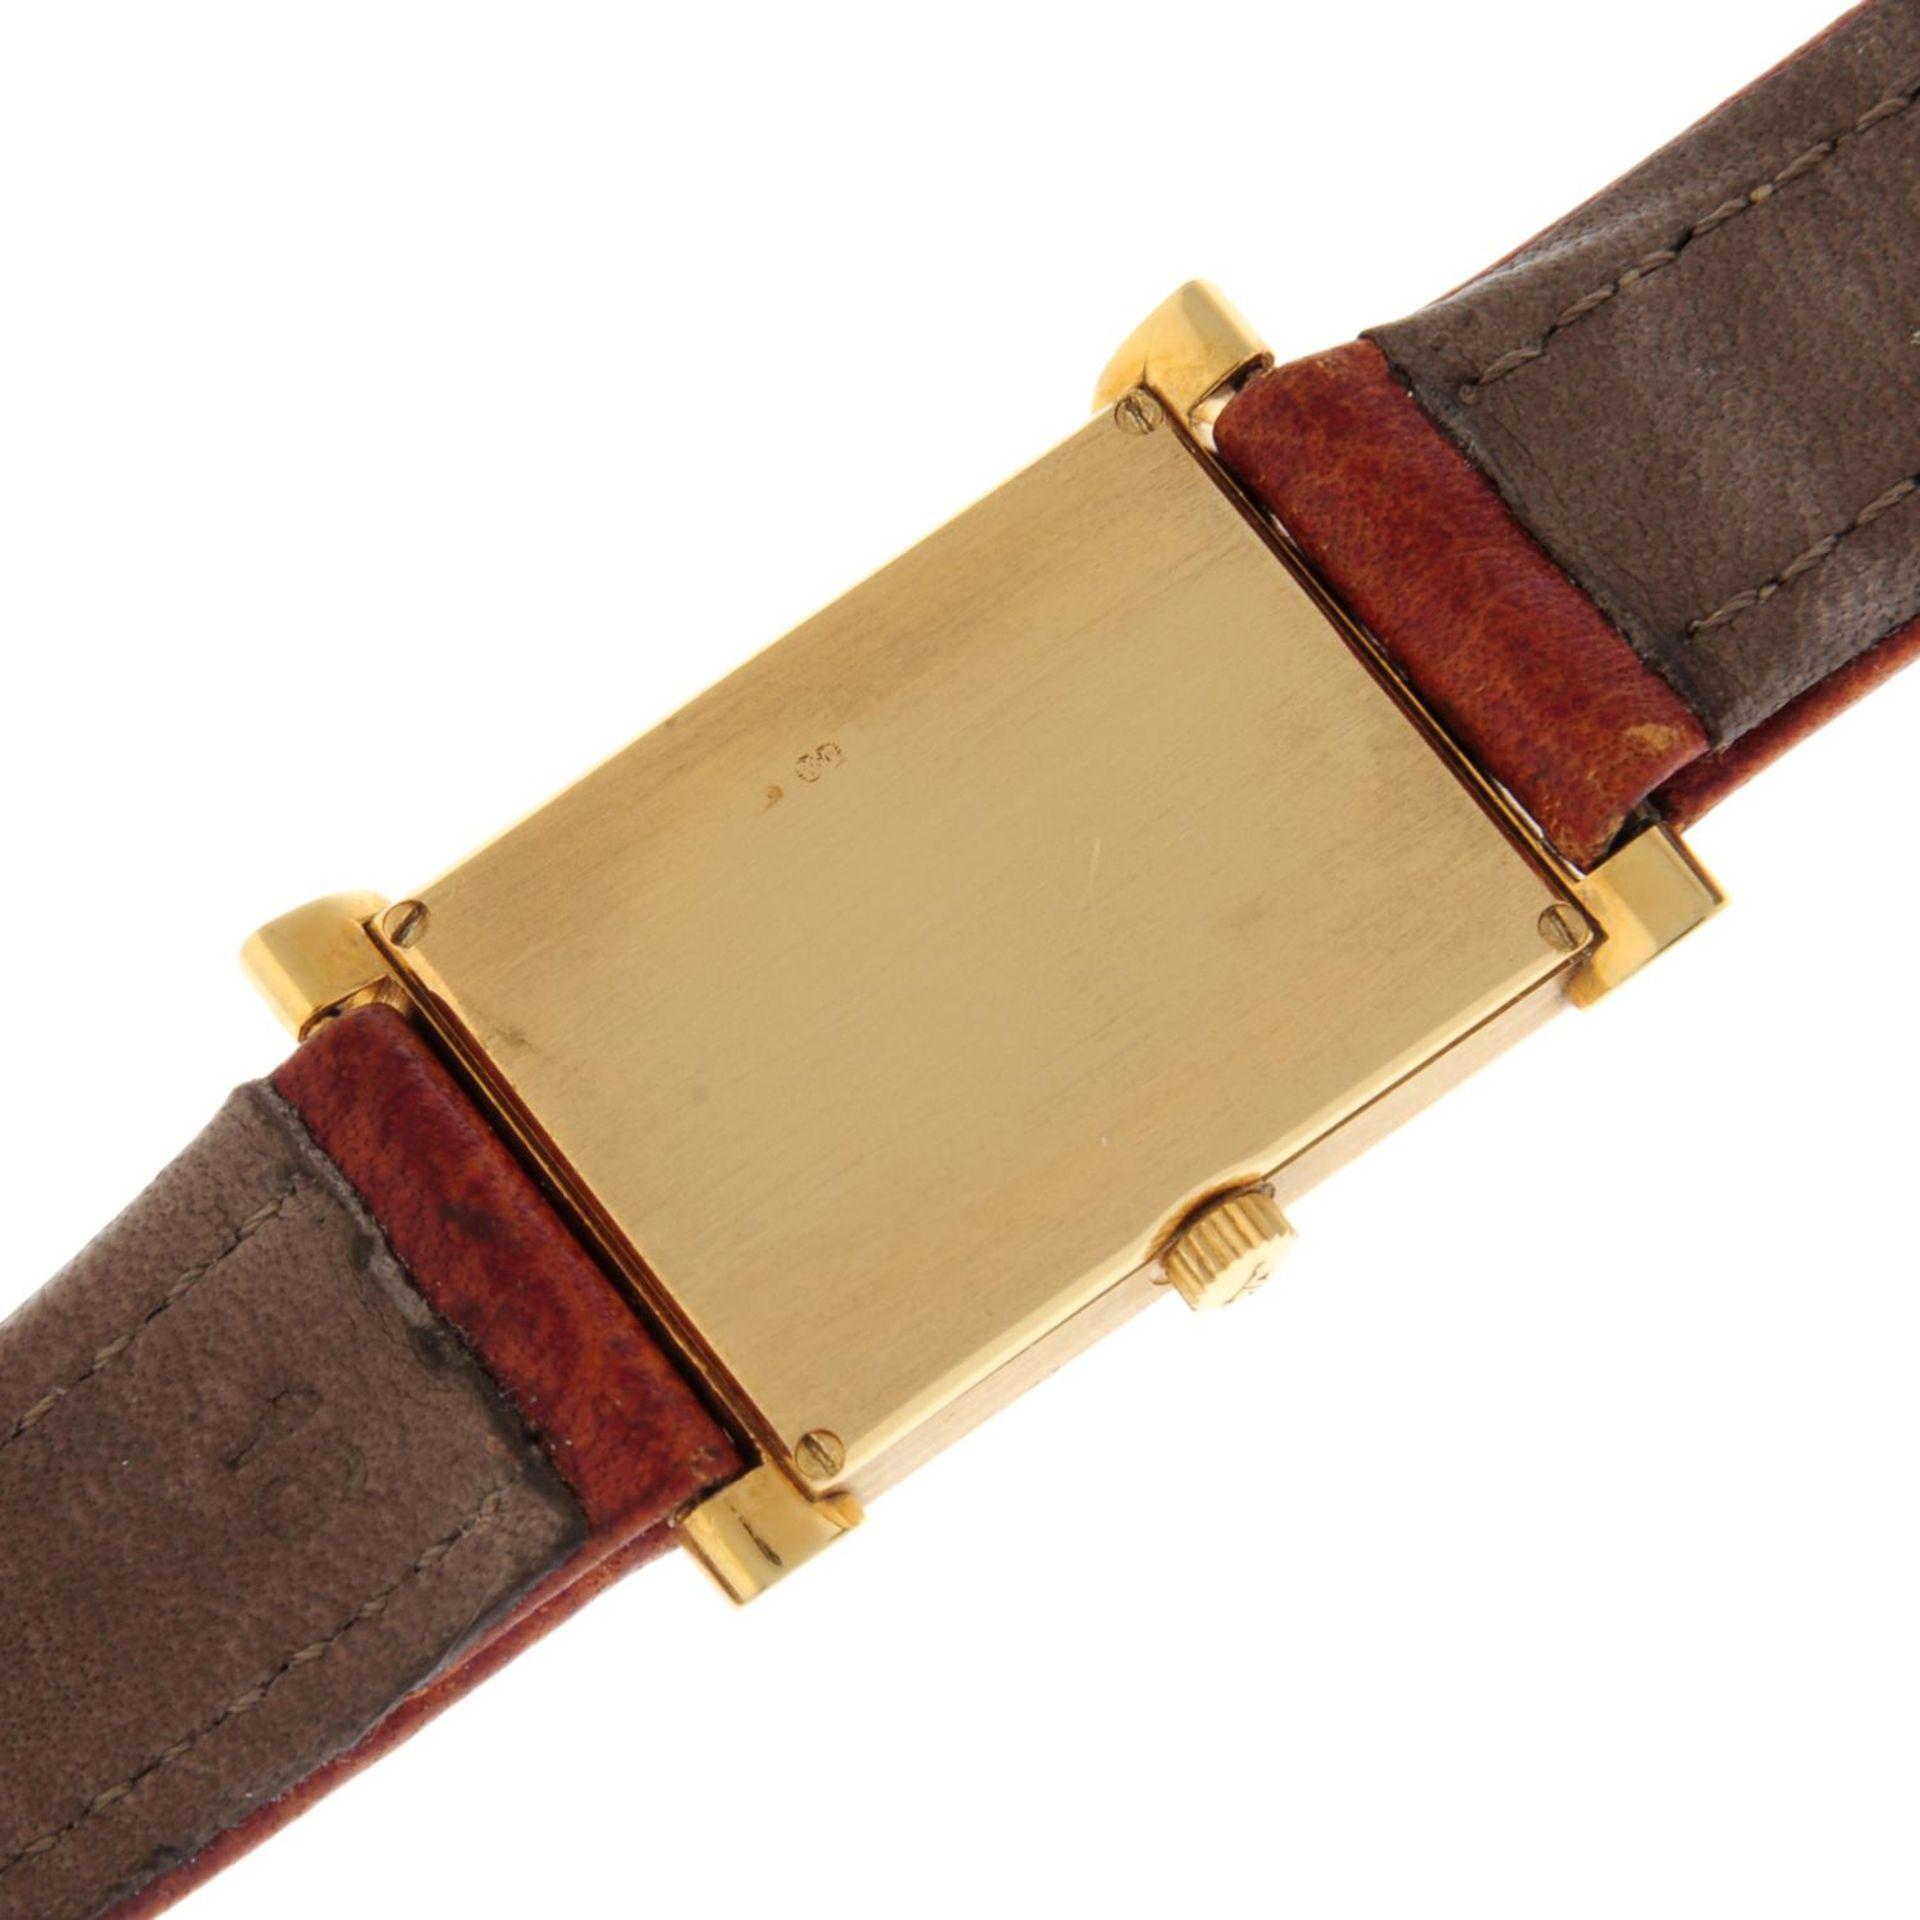 JAEGER-LECOULTRE - a wrist watch. - Bild 5 aus 5